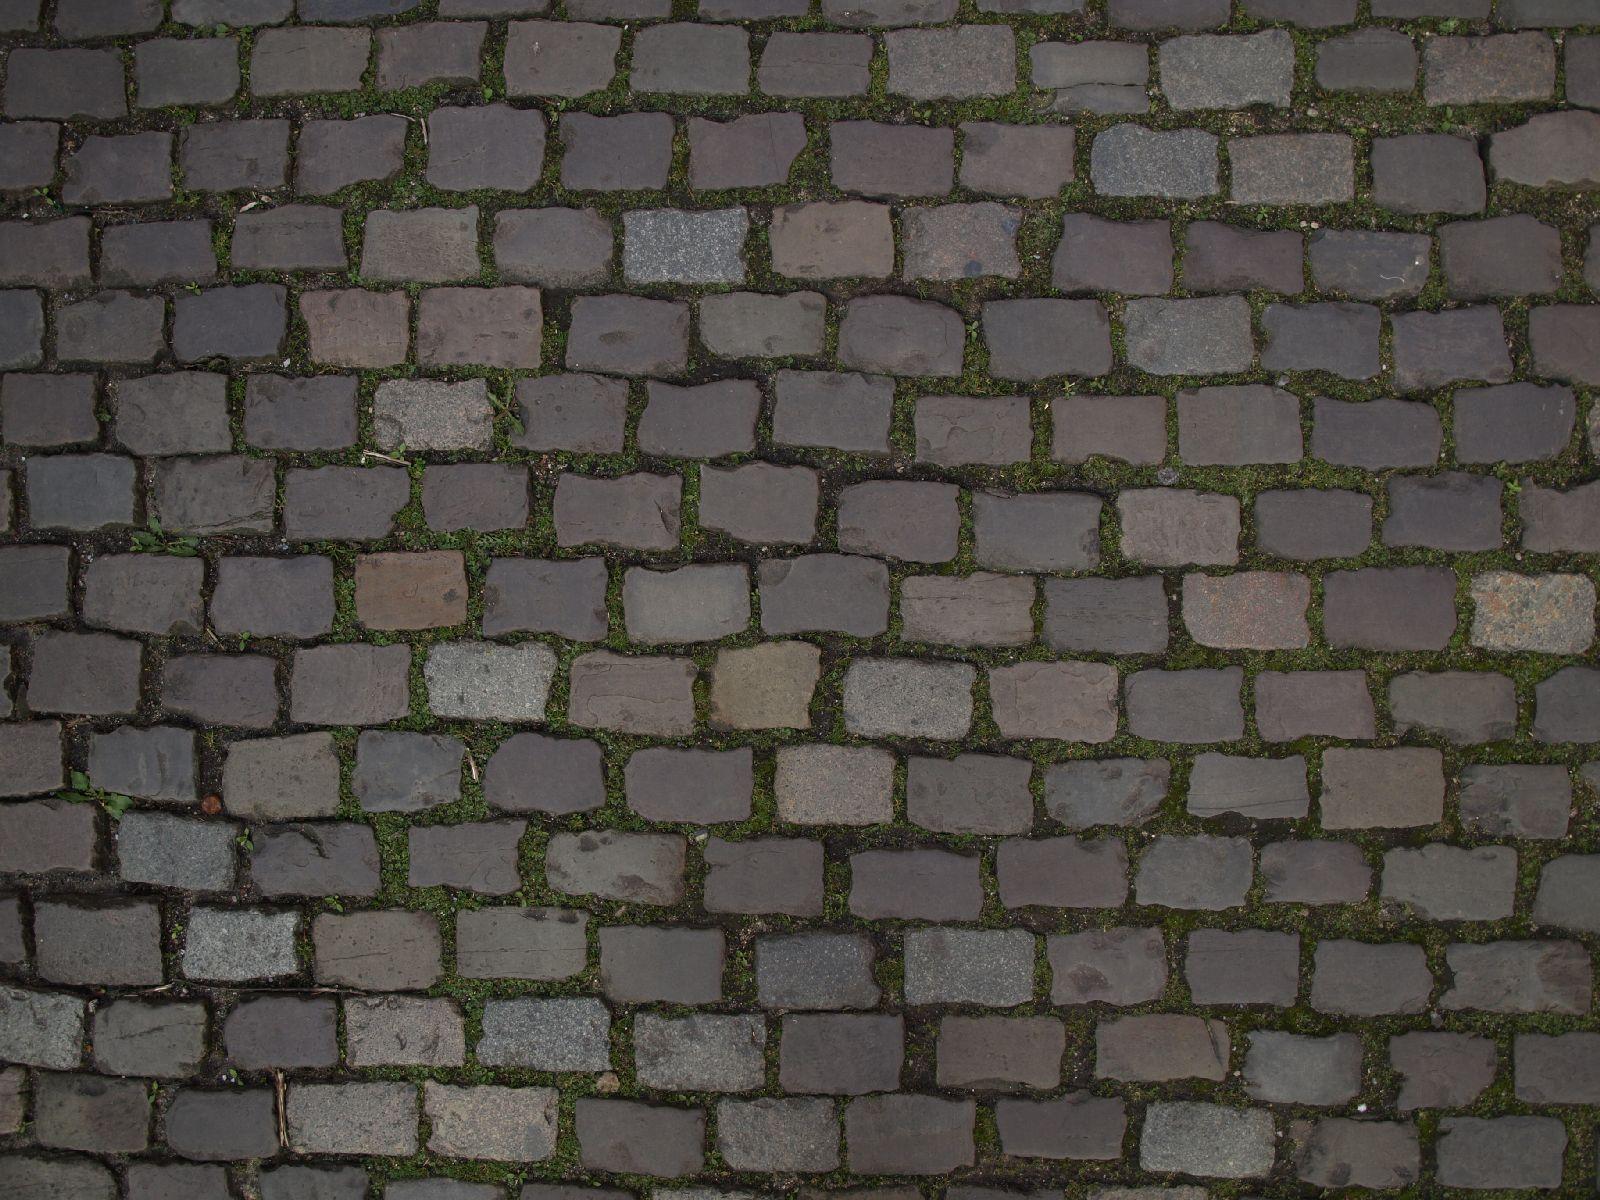 Ground-Urban_Texture_A_P4100573